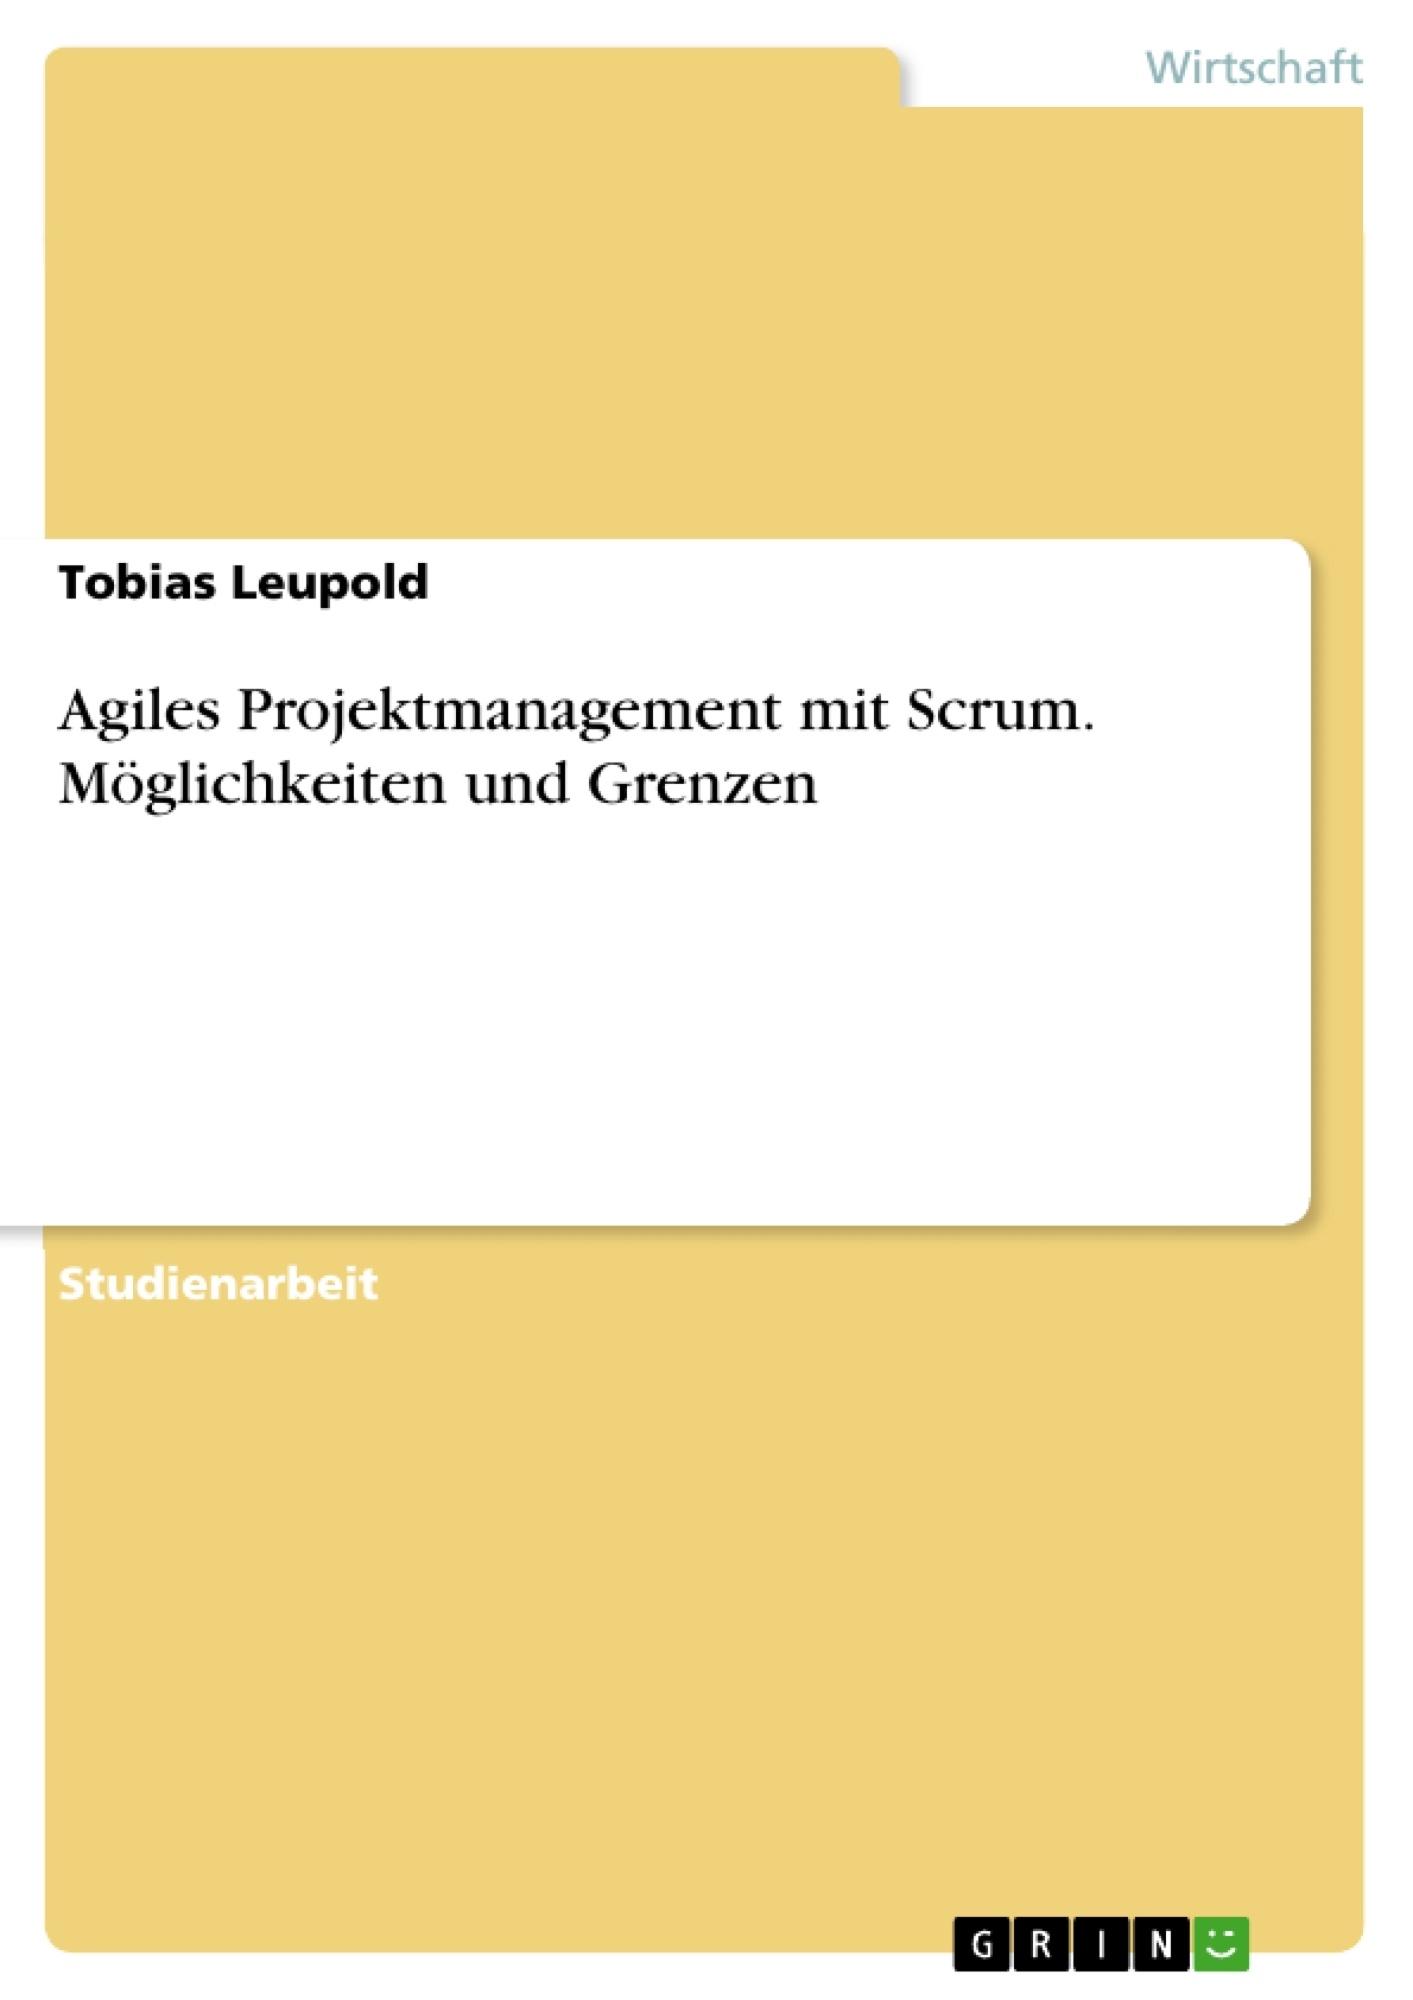 Titel: Agiles Projektmanagement mit Scrum. Möglichkeiten und Grenzen